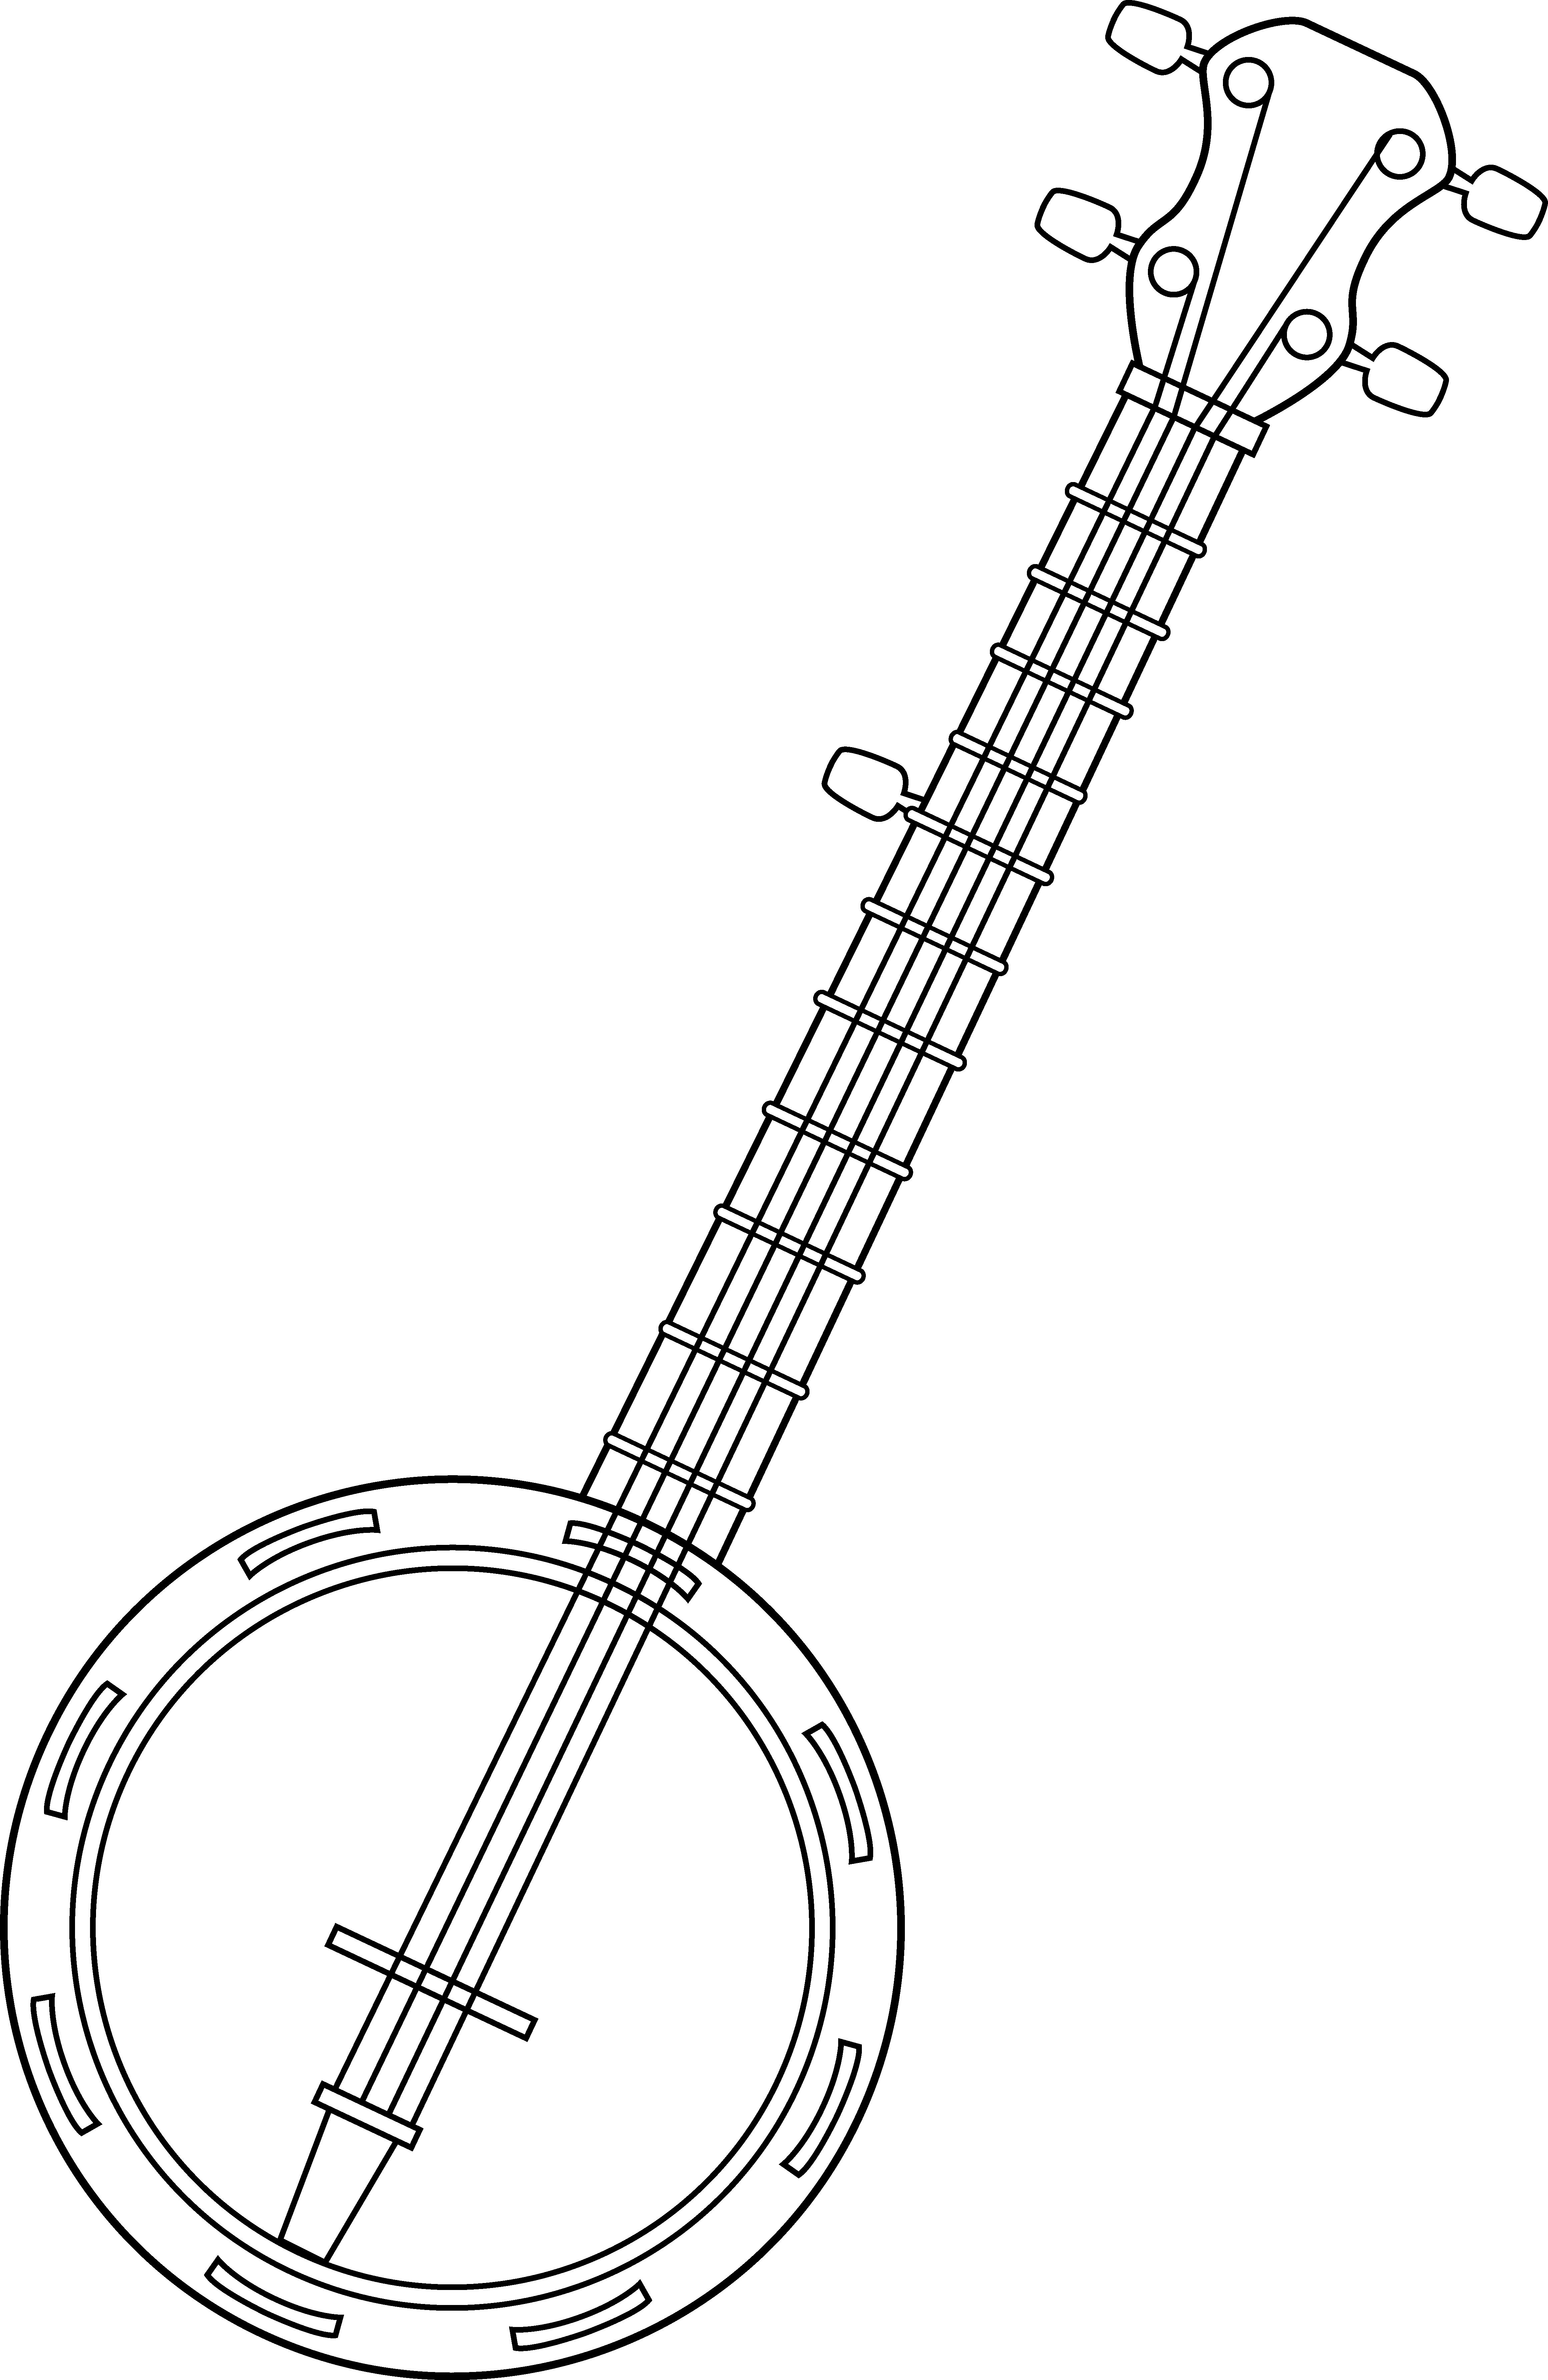 Colorable line art free. Banjo clipart transparent